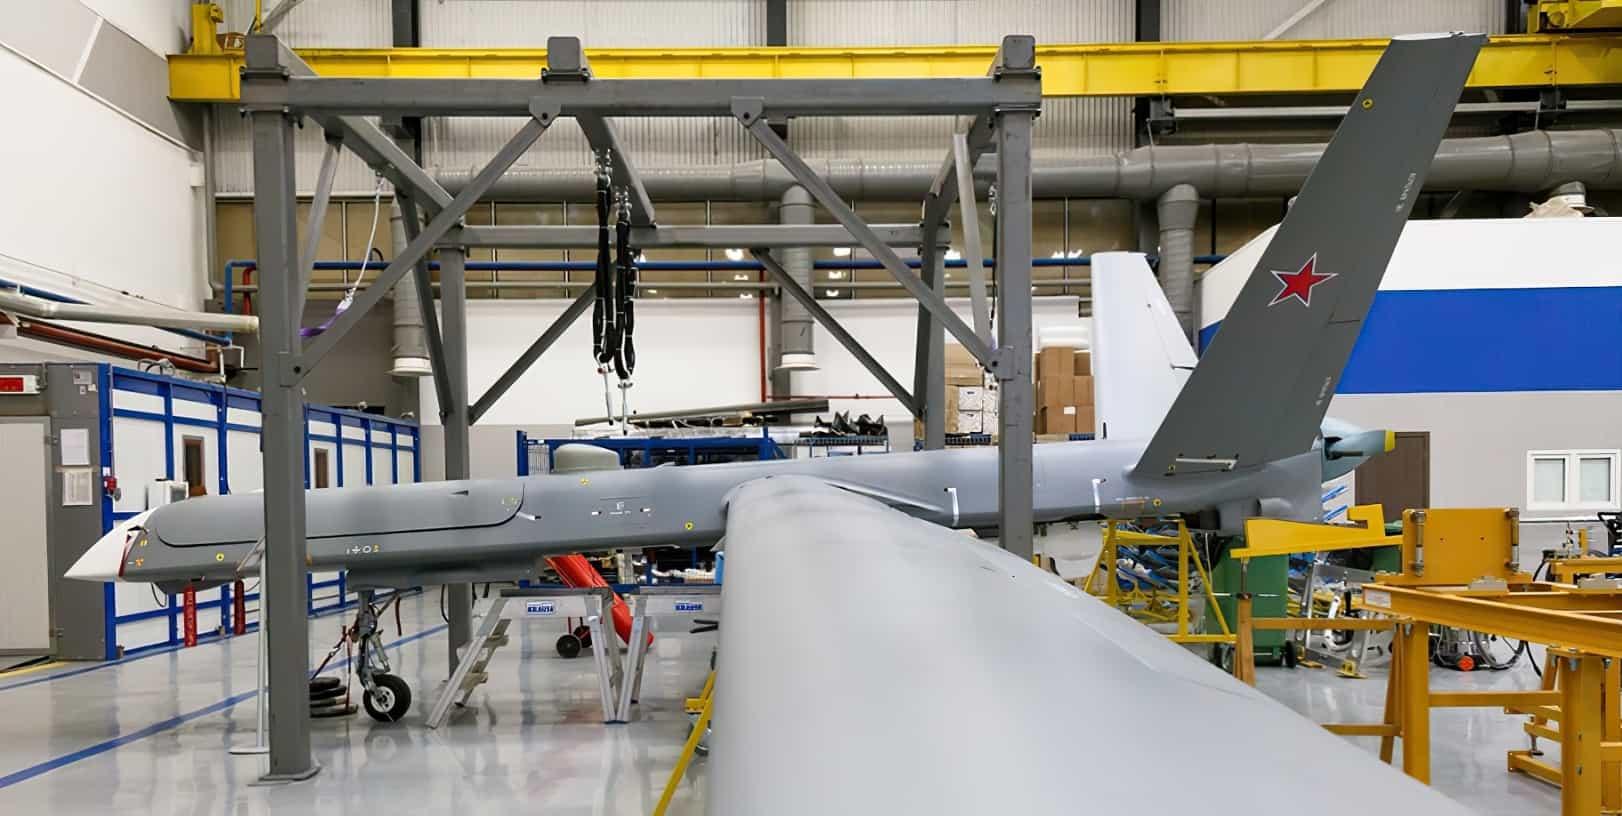 Будівництво для Міноборони РФ серійних безпілотних літальних апаратів великої тривалості польоту «Орион» (Иноходец). Лютий 2021